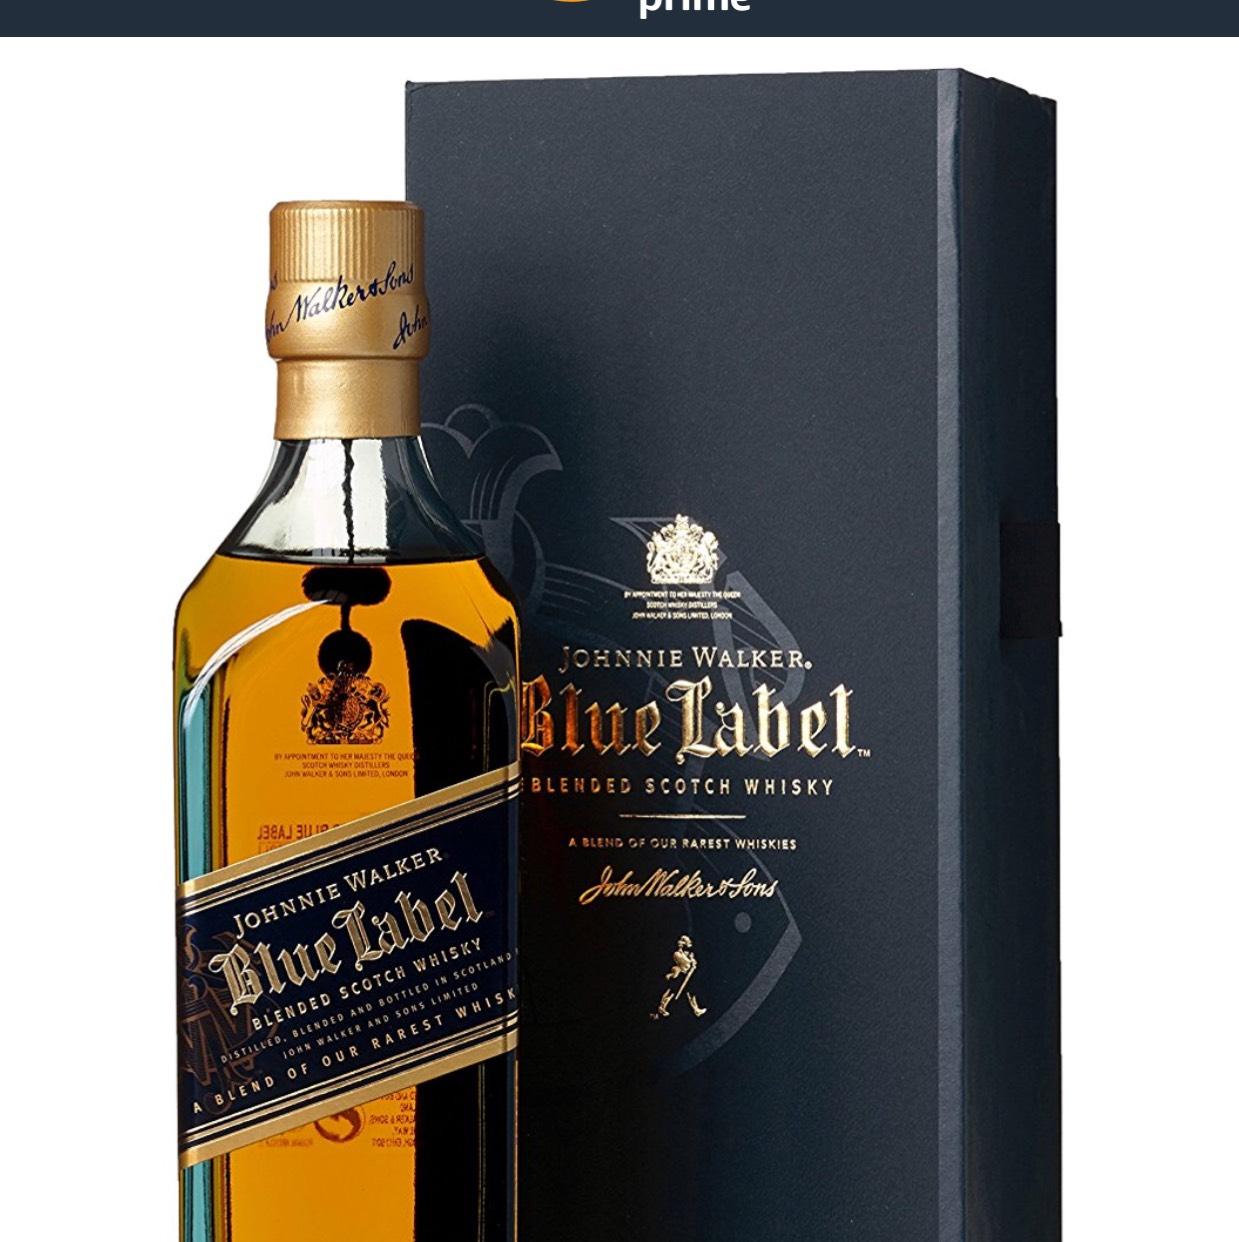 Johnnie Walker Blue Label Blended Scotch Whisky mit Geschenkverpackung (1 x 0.7 l)